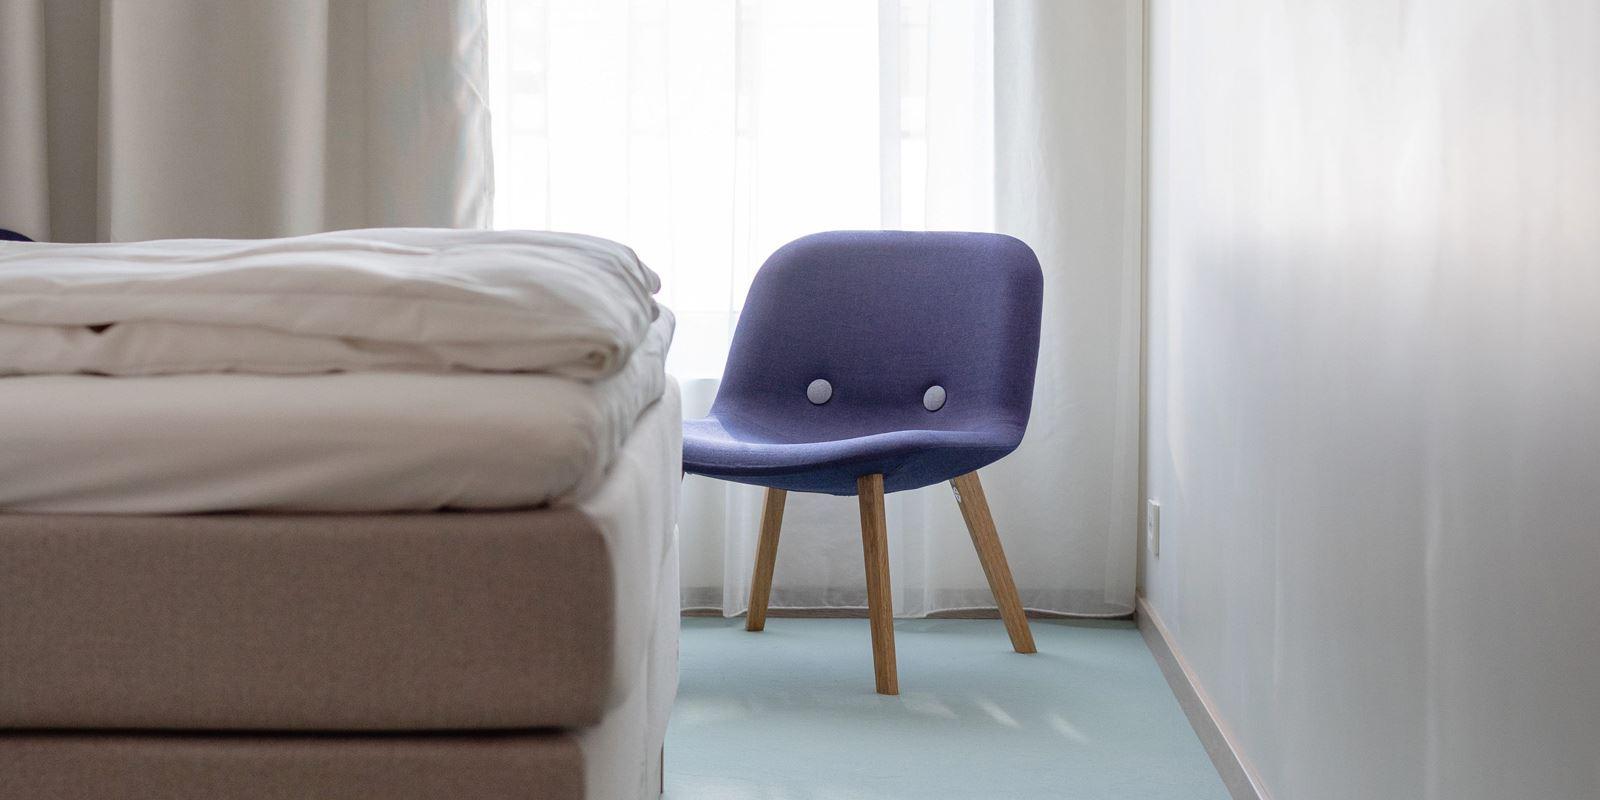 Enden på seng en lilla stol og smart TV på Thon Hotel Parken i Kristiansand sentrum. Foto: Jon-Petter Thorsen, Aptum